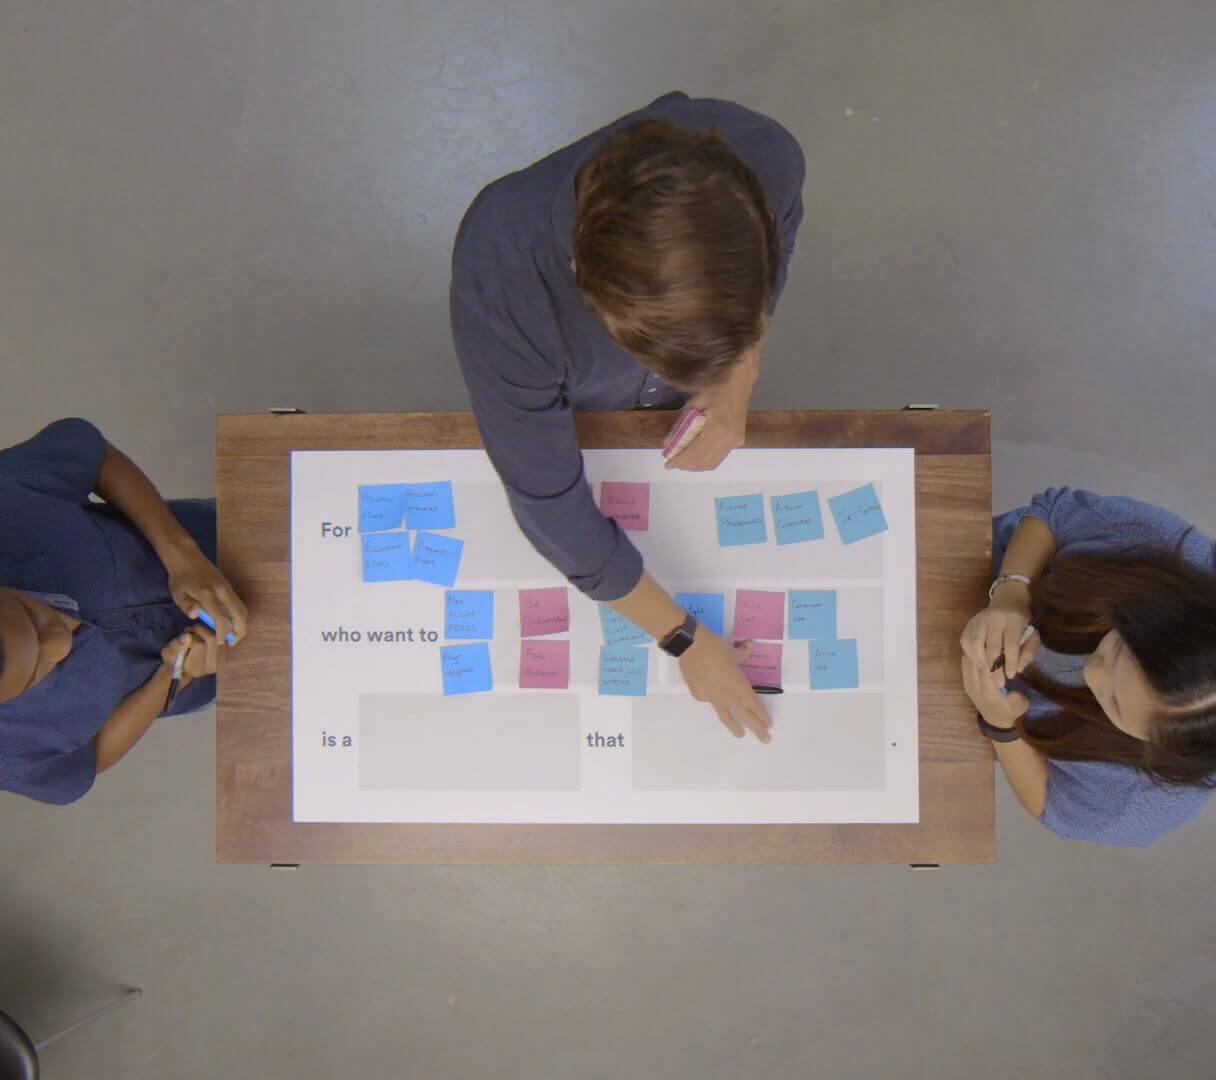 Plantilla y ejercicio del discurso de ventas | Atlassian